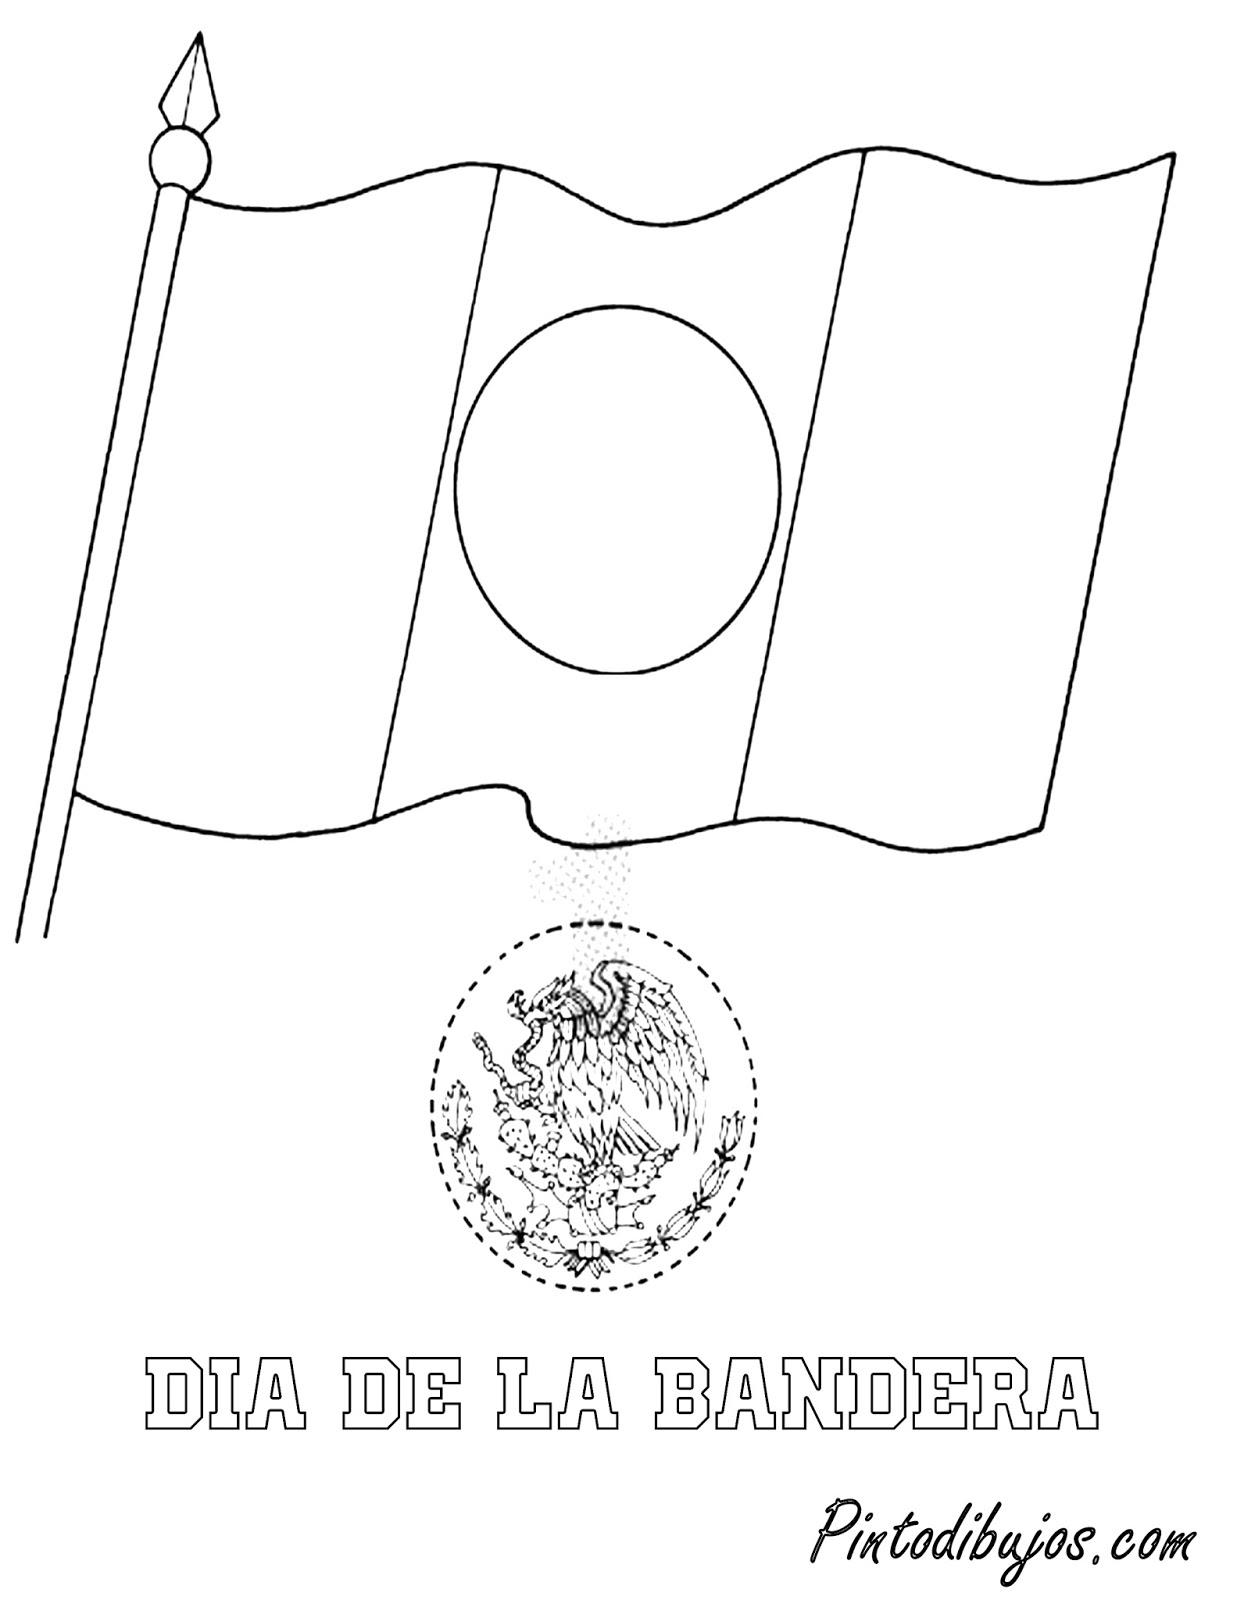 Pinto Dibujos: dia de la bandera para colorear | 24 de febrero para ...